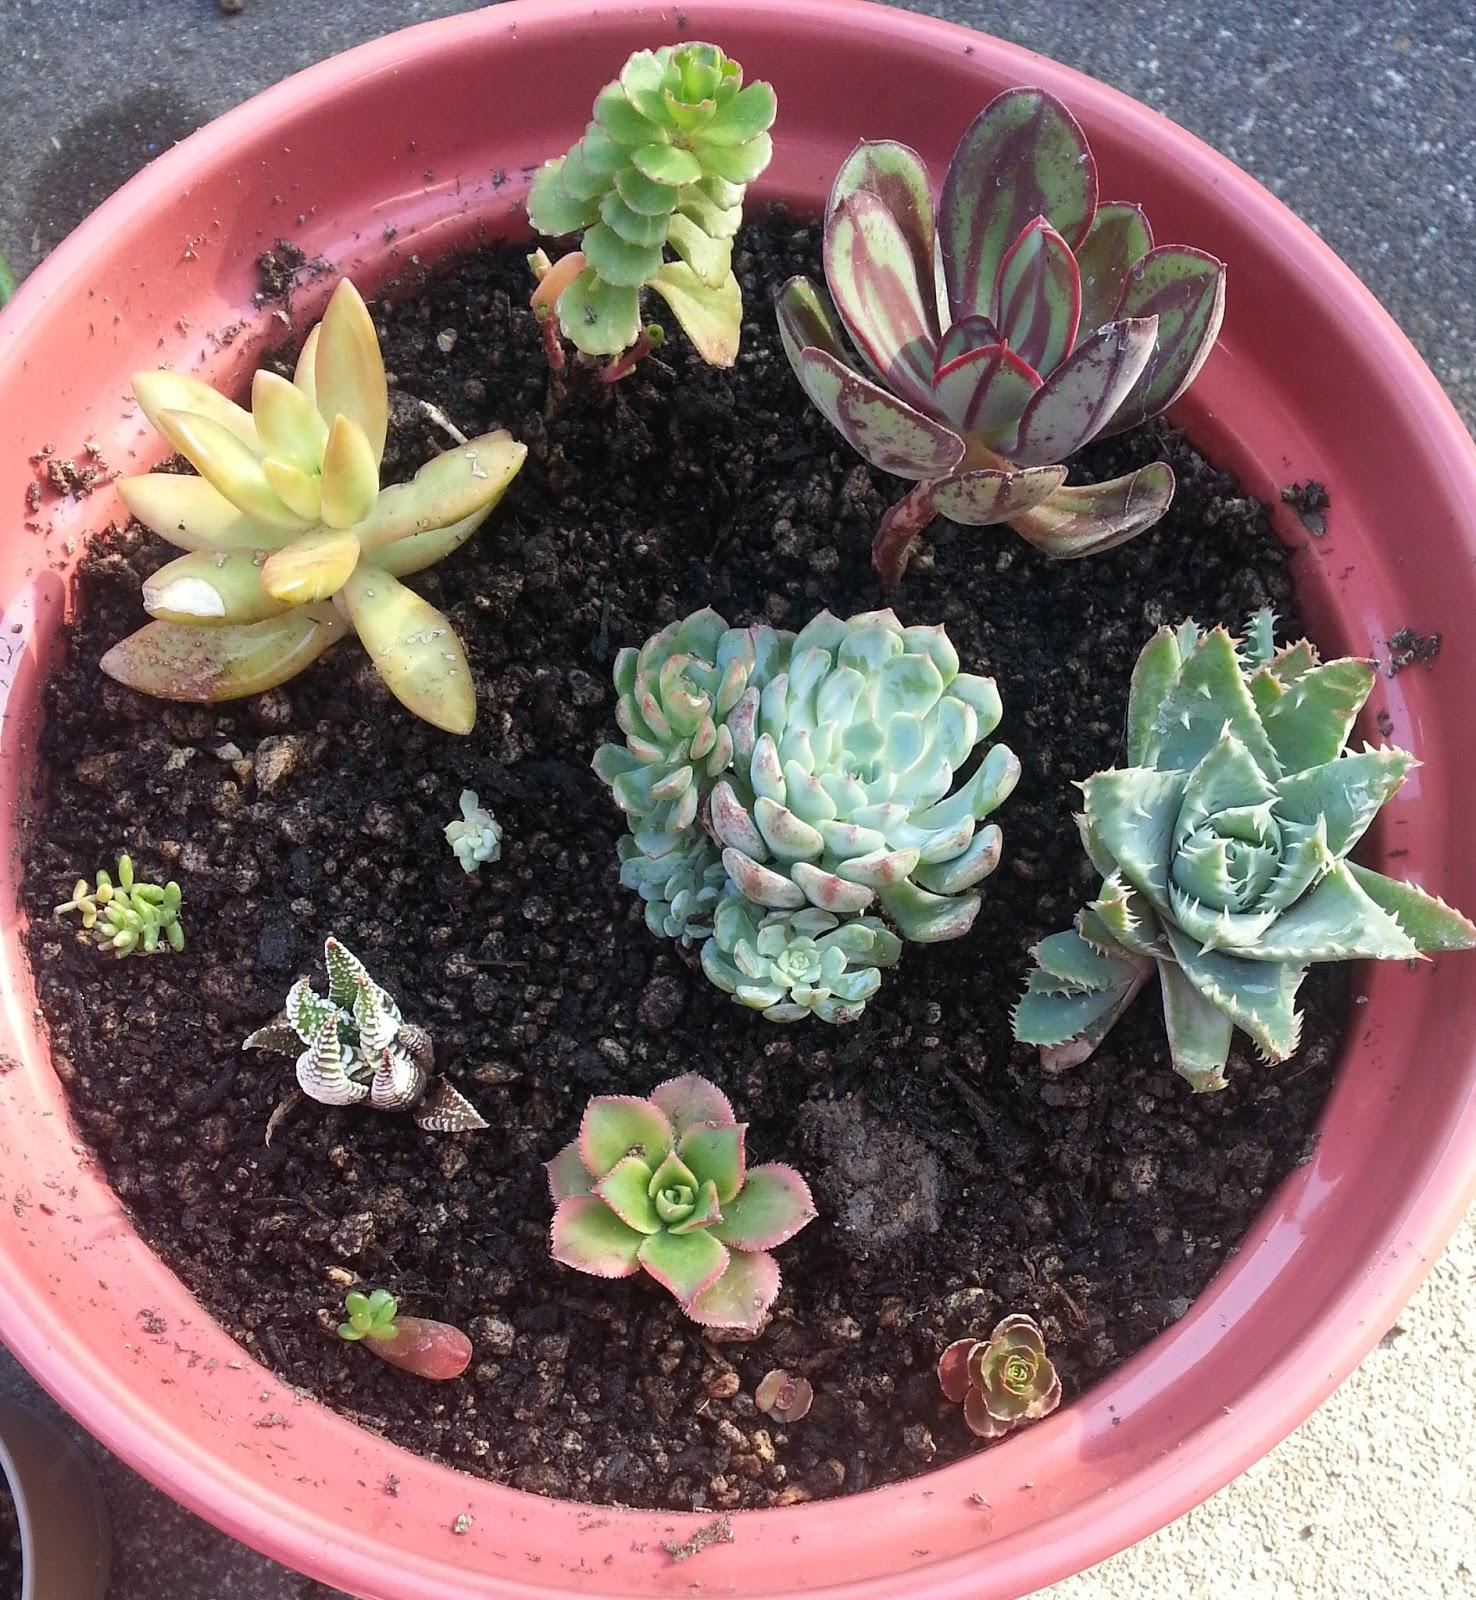 aloe, echeveria nodulosa, echeveria minima, aeonium kiwi, haworthia, jelly bean plant, sedum